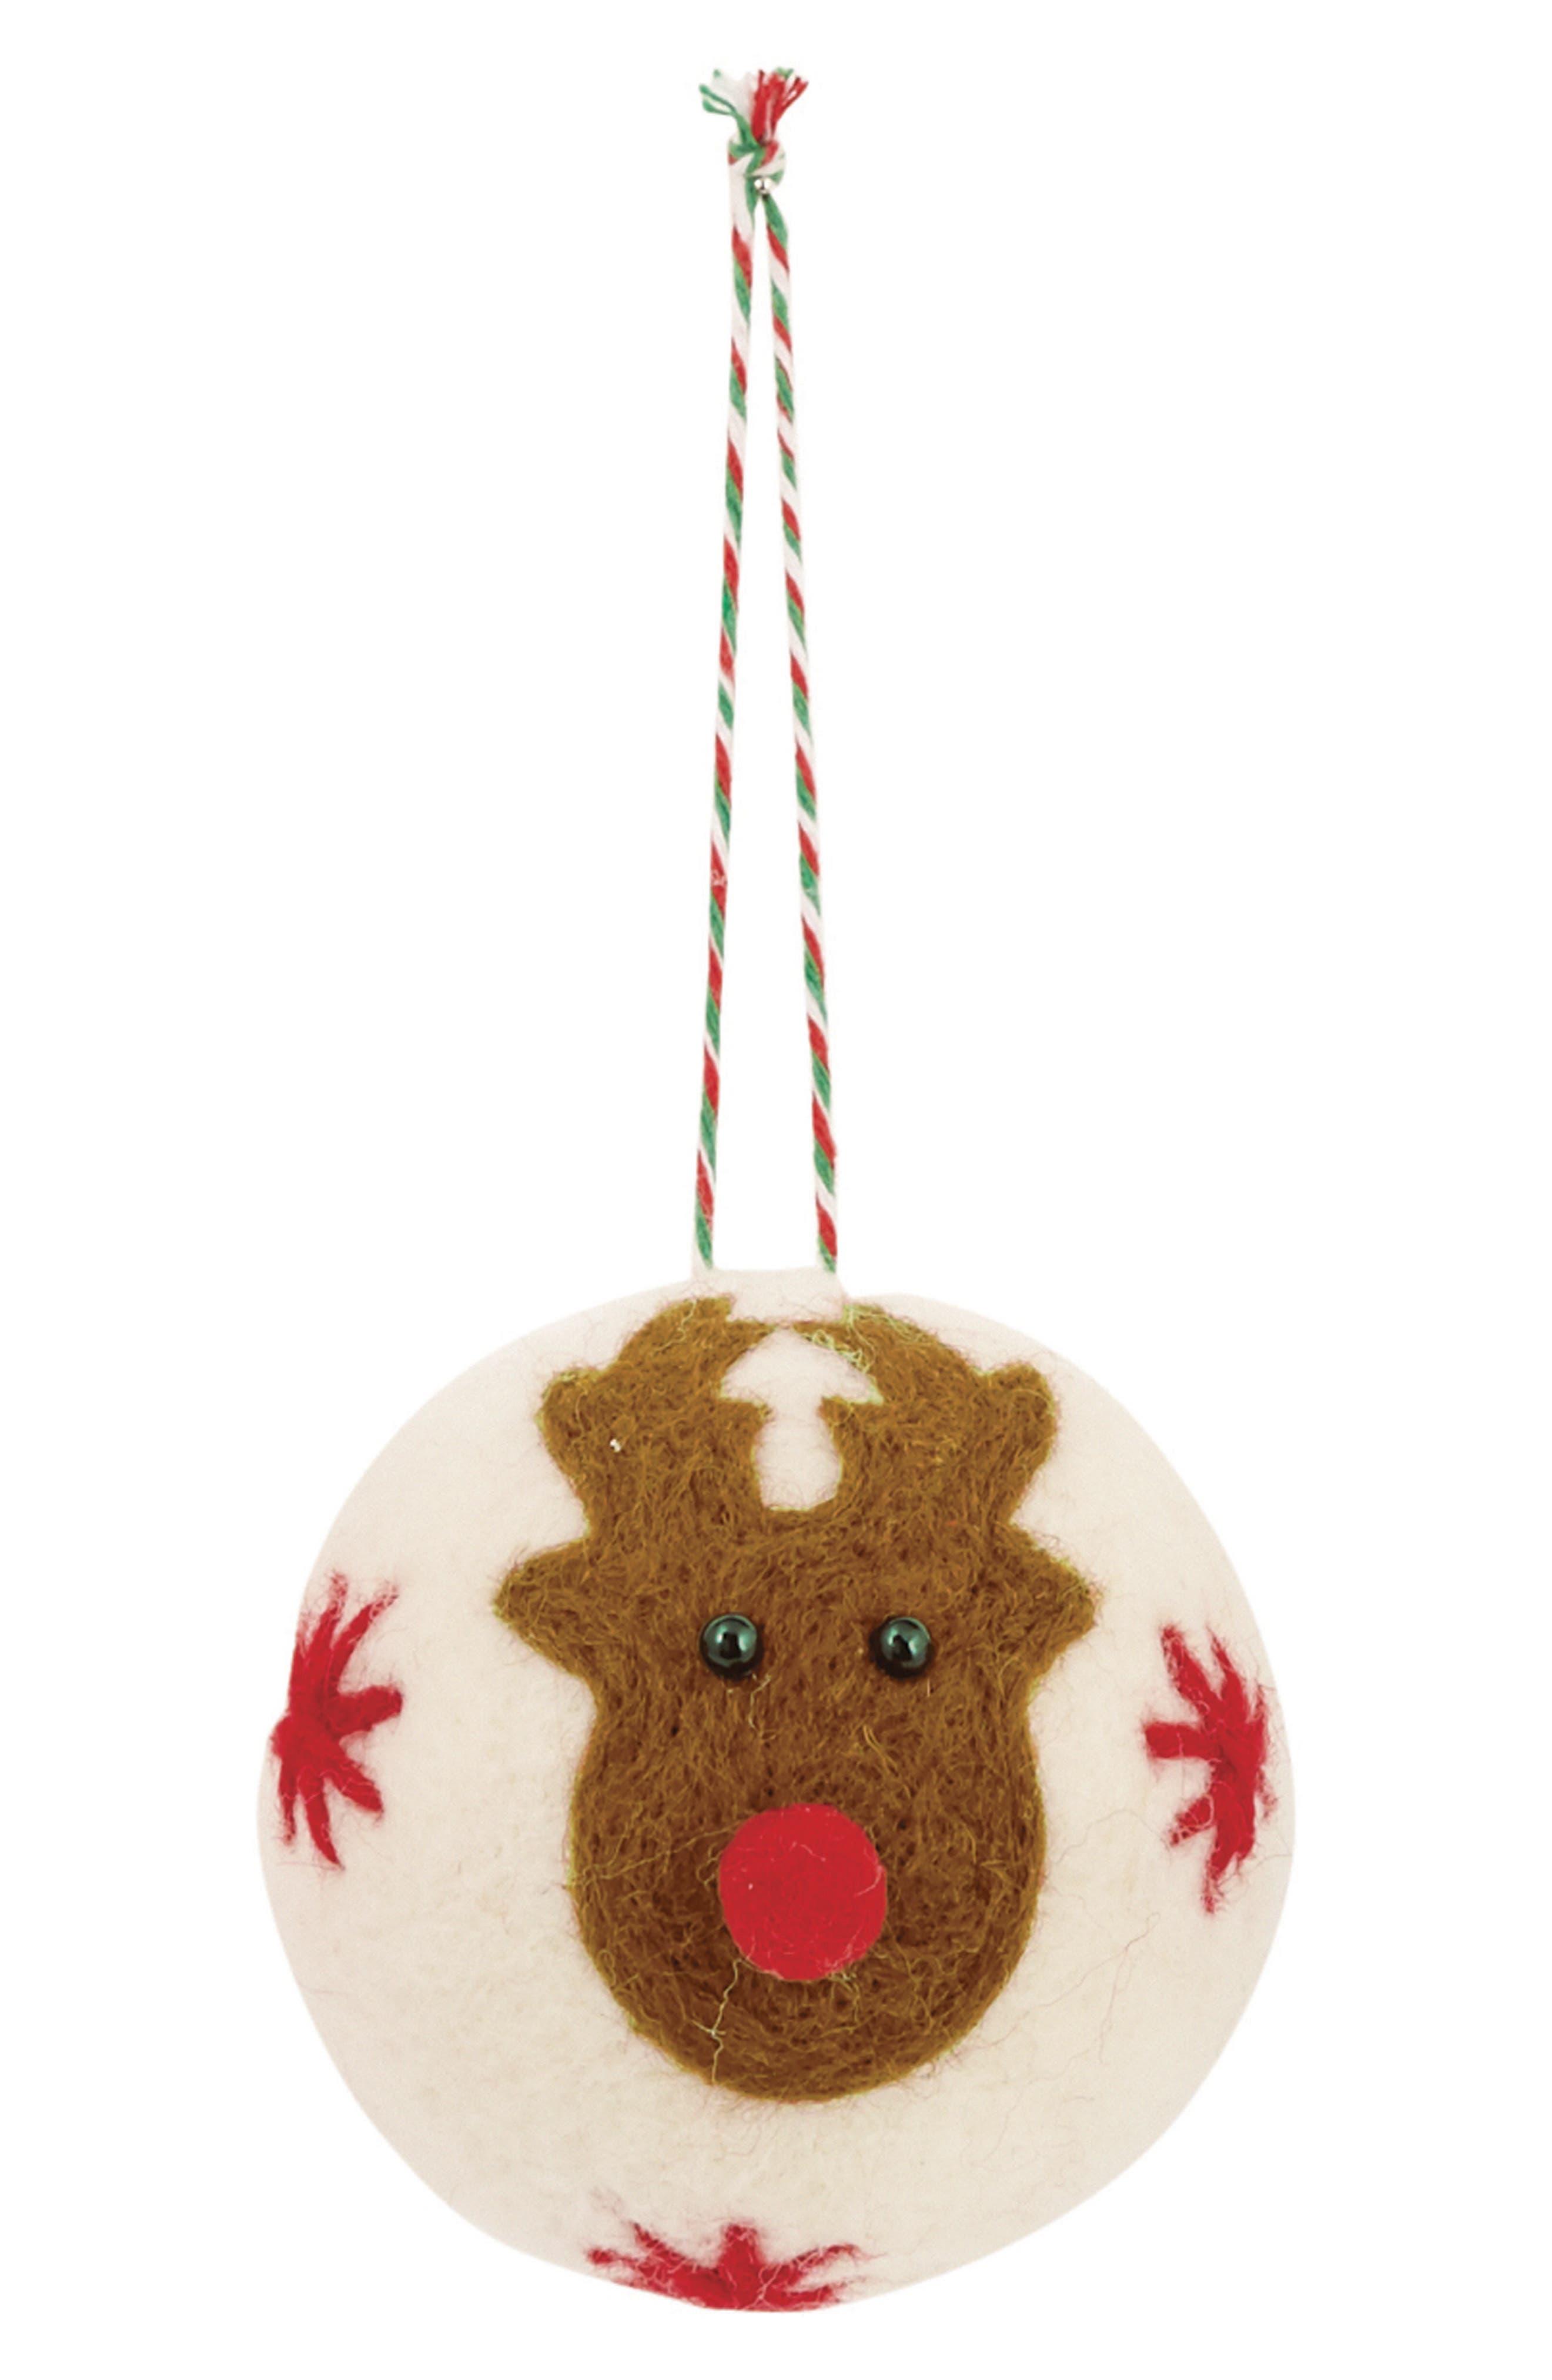 Alternate Image 1 Selected - Mud Pie Boiled Wool Reindeer Ornament